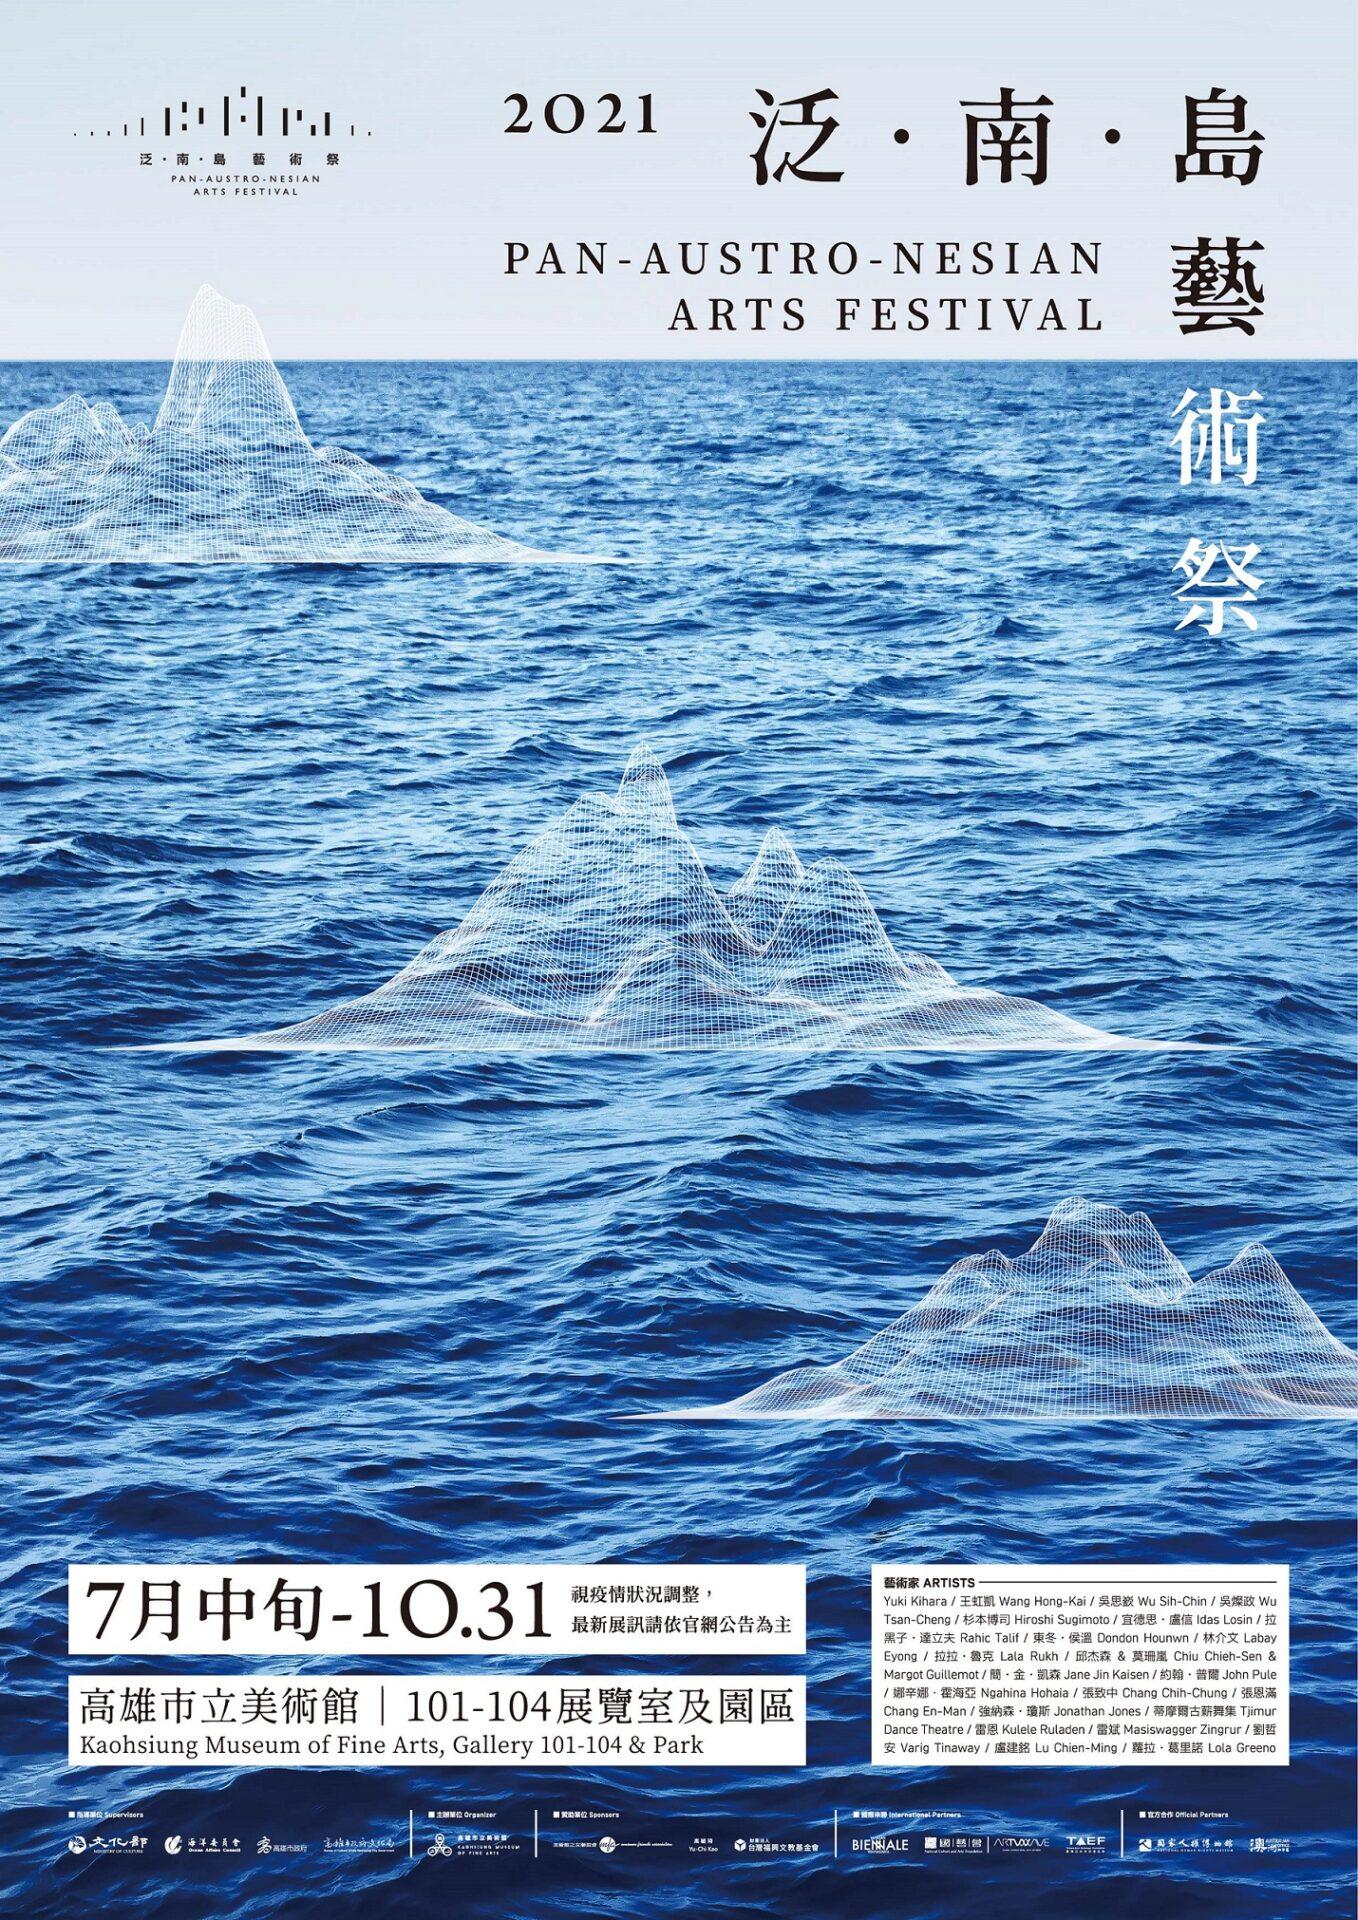 高雄市立美術館:7/17-10/31【泛.南.島藝術祭】